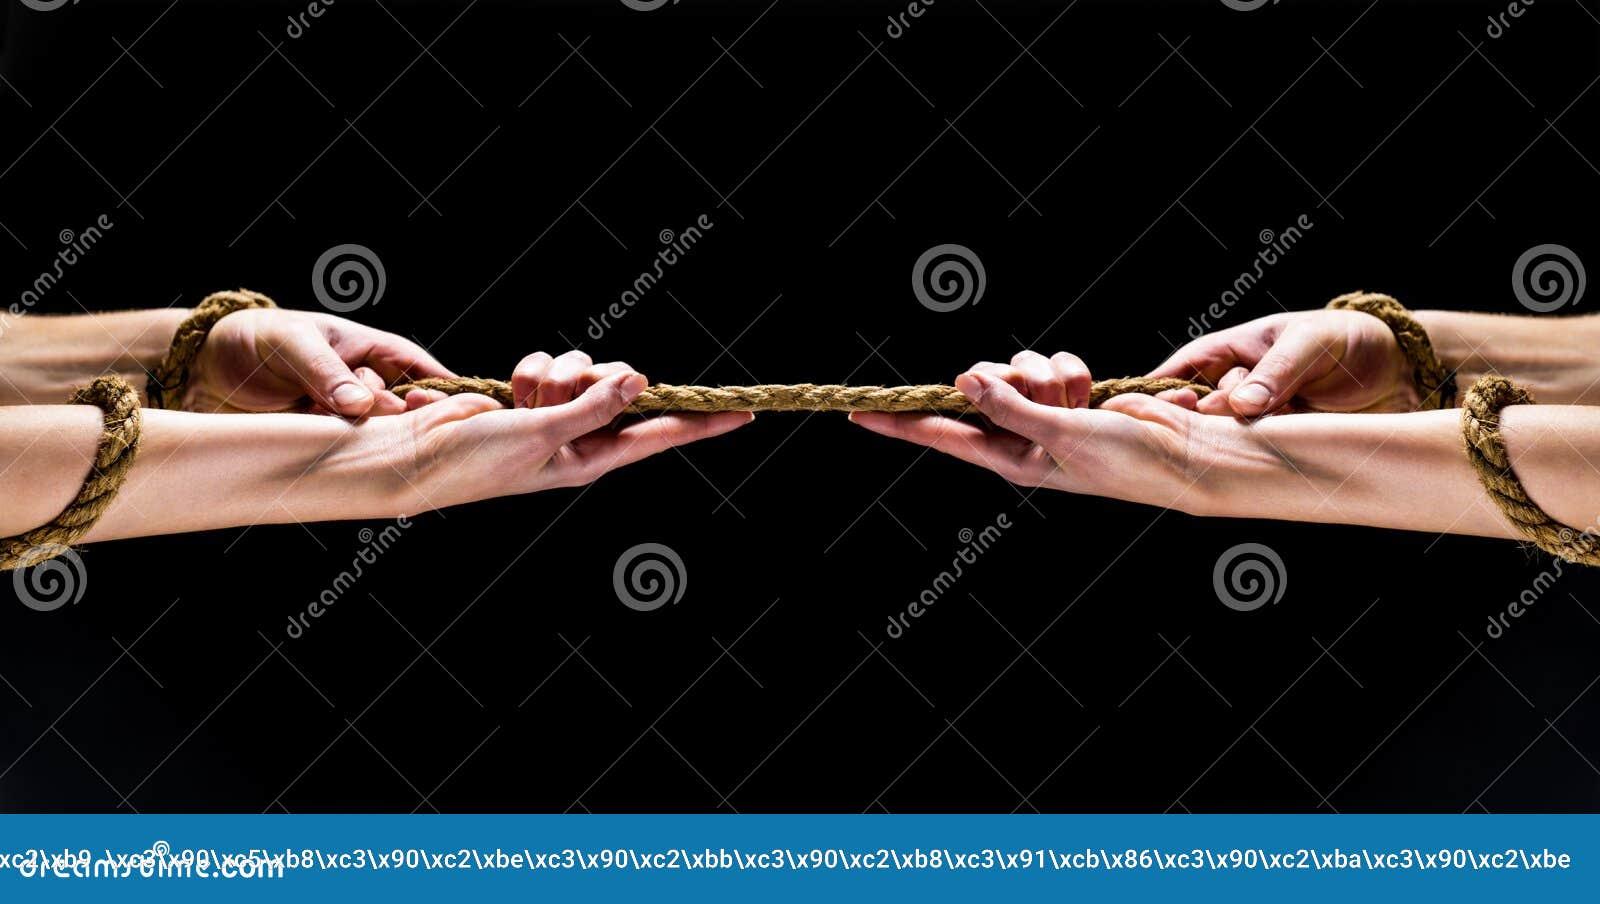 Χέρι ατόμων που διατηρεί το σχοινί Χέρι που κρατά τα σχοινιά Σύγκρουση, σύγκρουση, σχοινί Διάσωση, που βοηθά τη χειρονομία ή τα χ